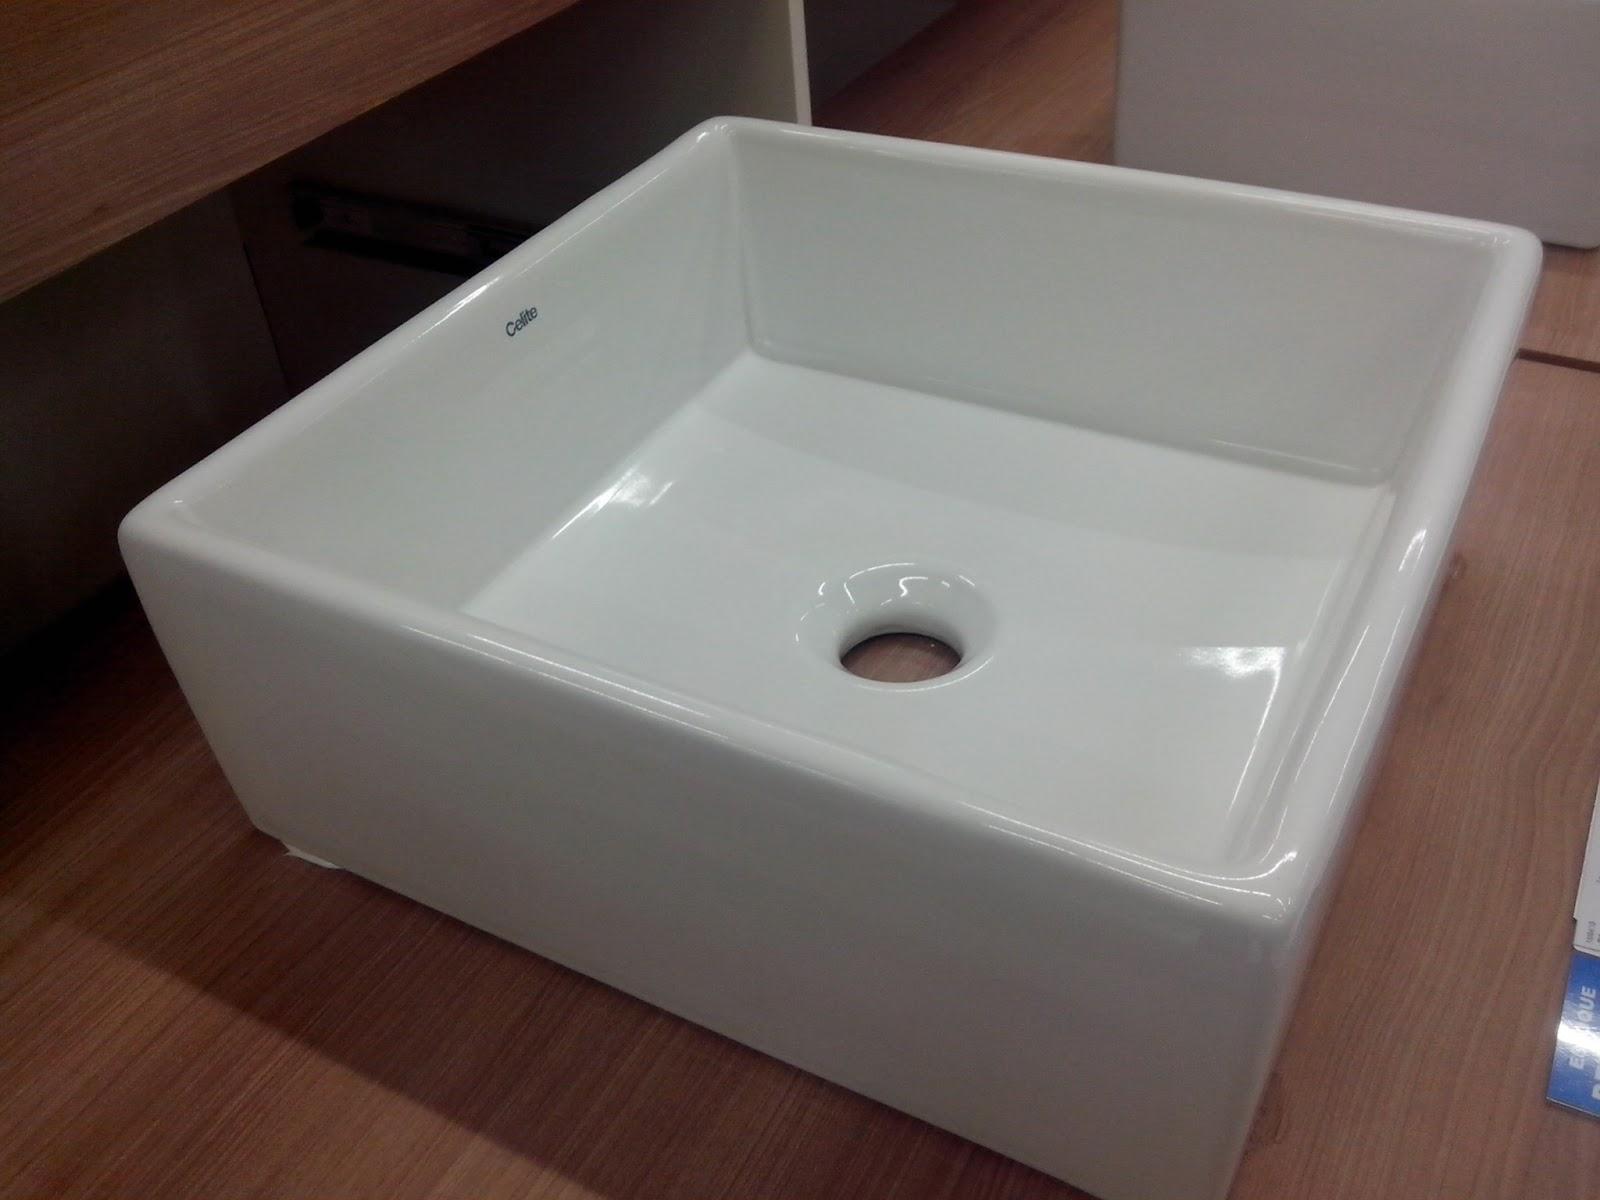 Reforma do meu apê: Comprinhas Banheiro e Cozinha #331E18 1600 1200